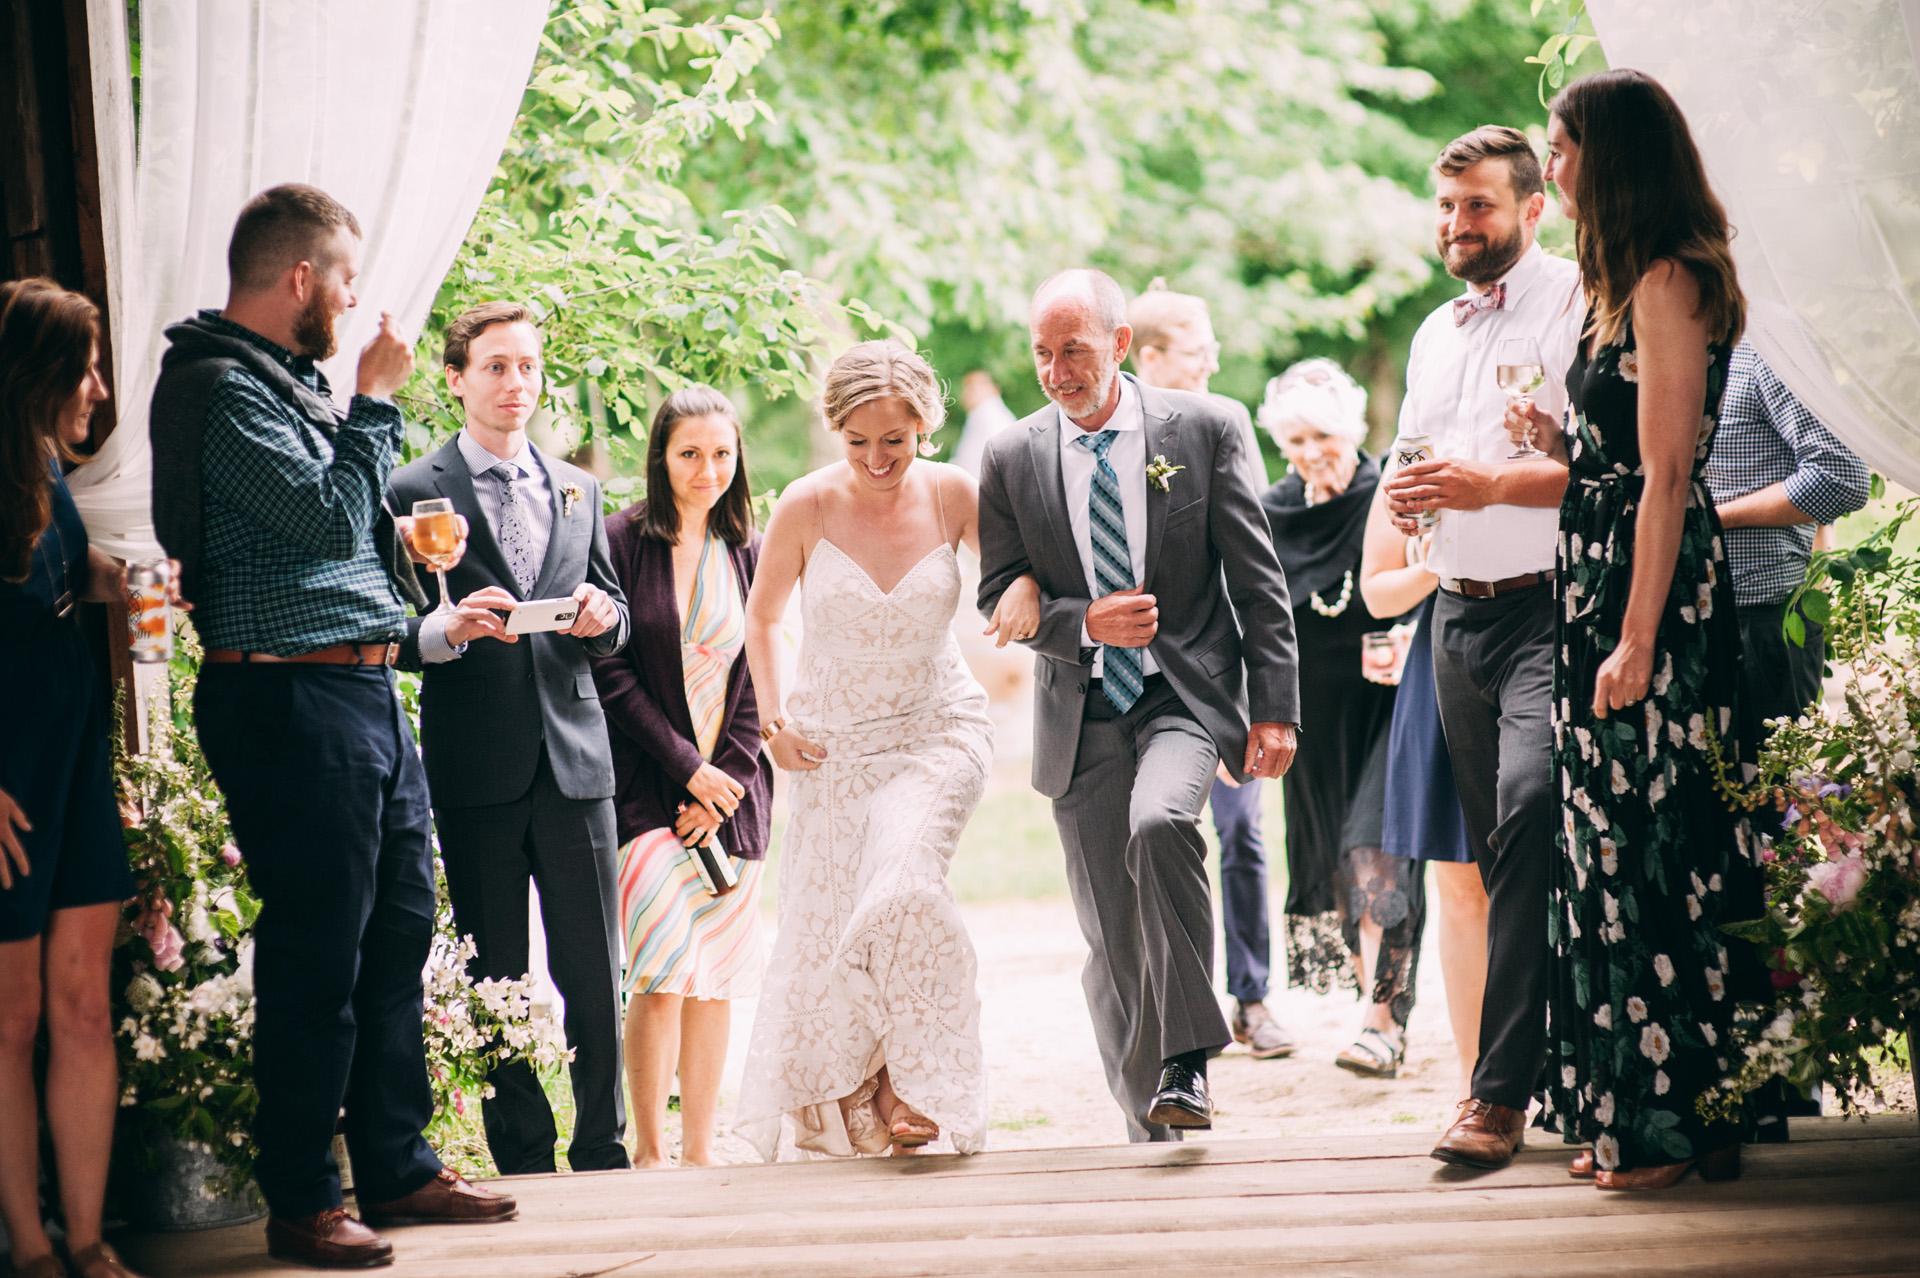 broadturn-farm-wedding-75